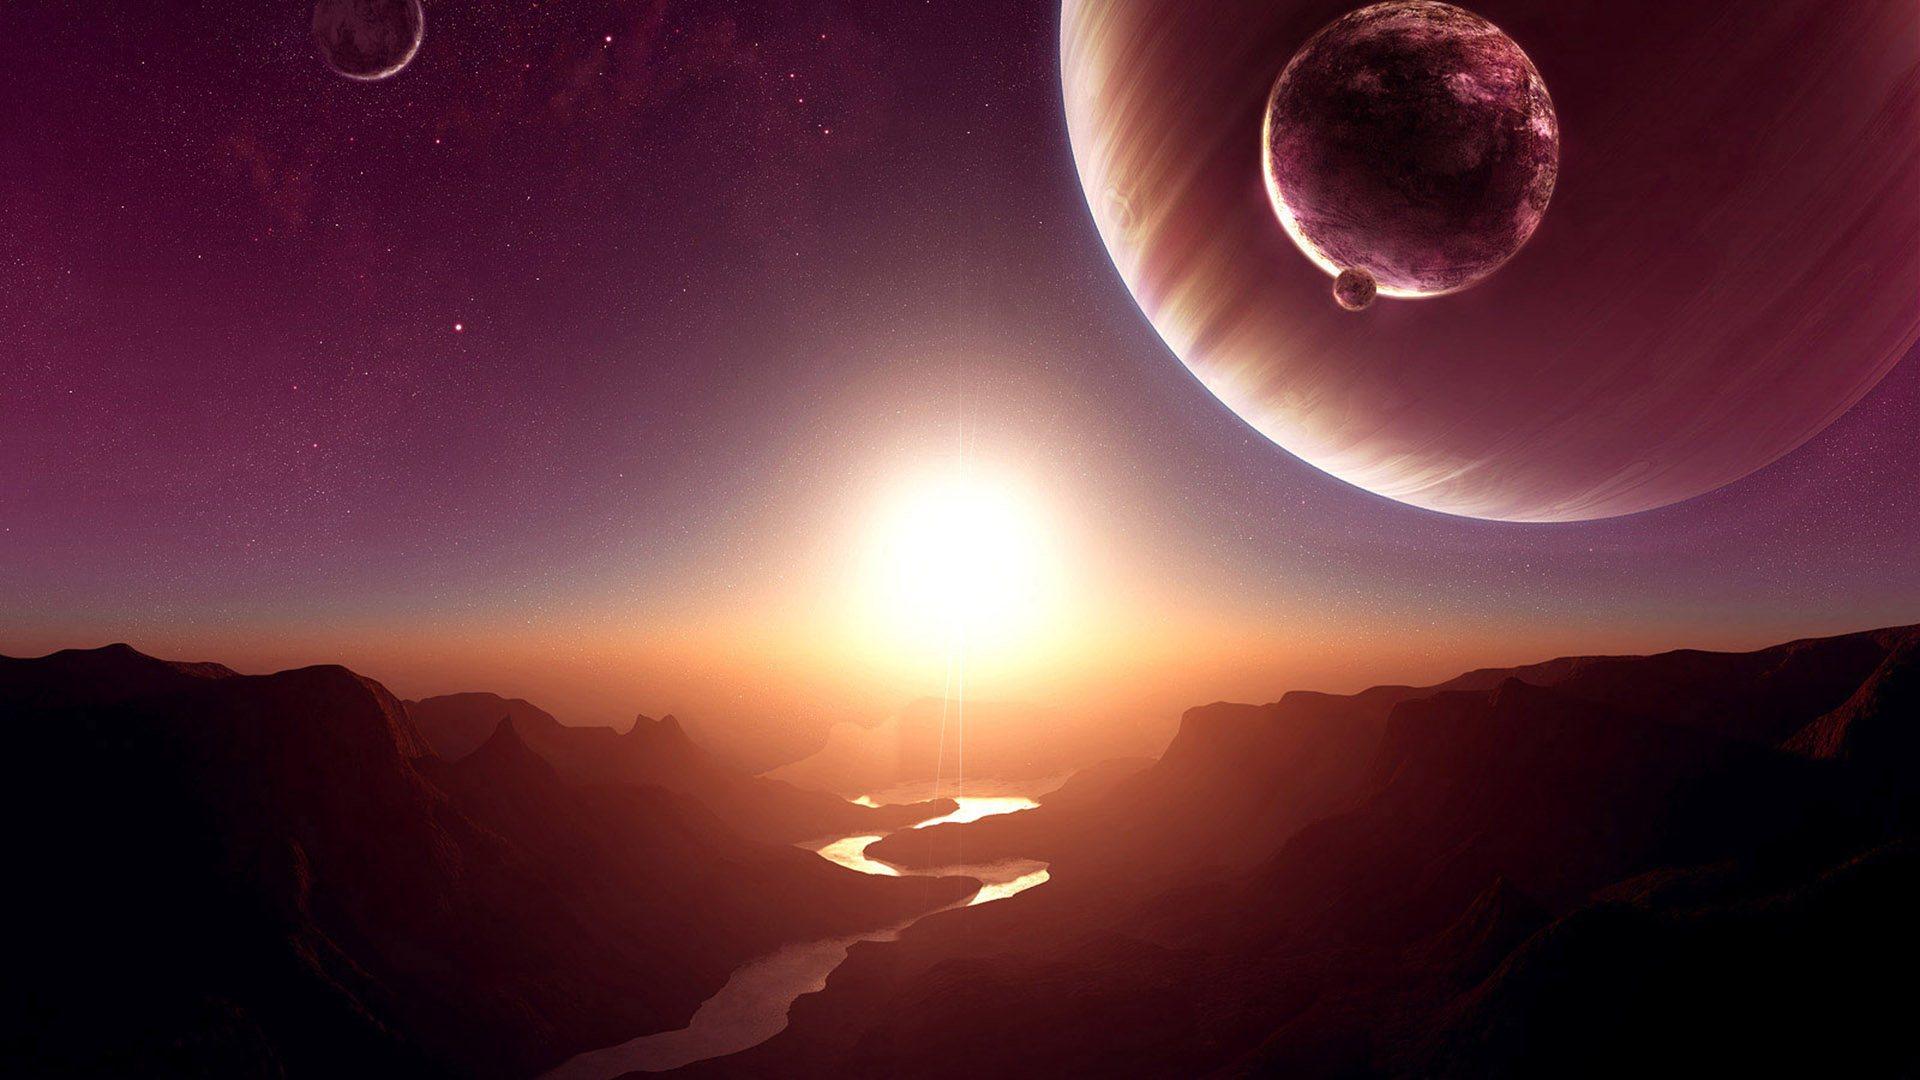 космос, яркое солнце, скачать фото